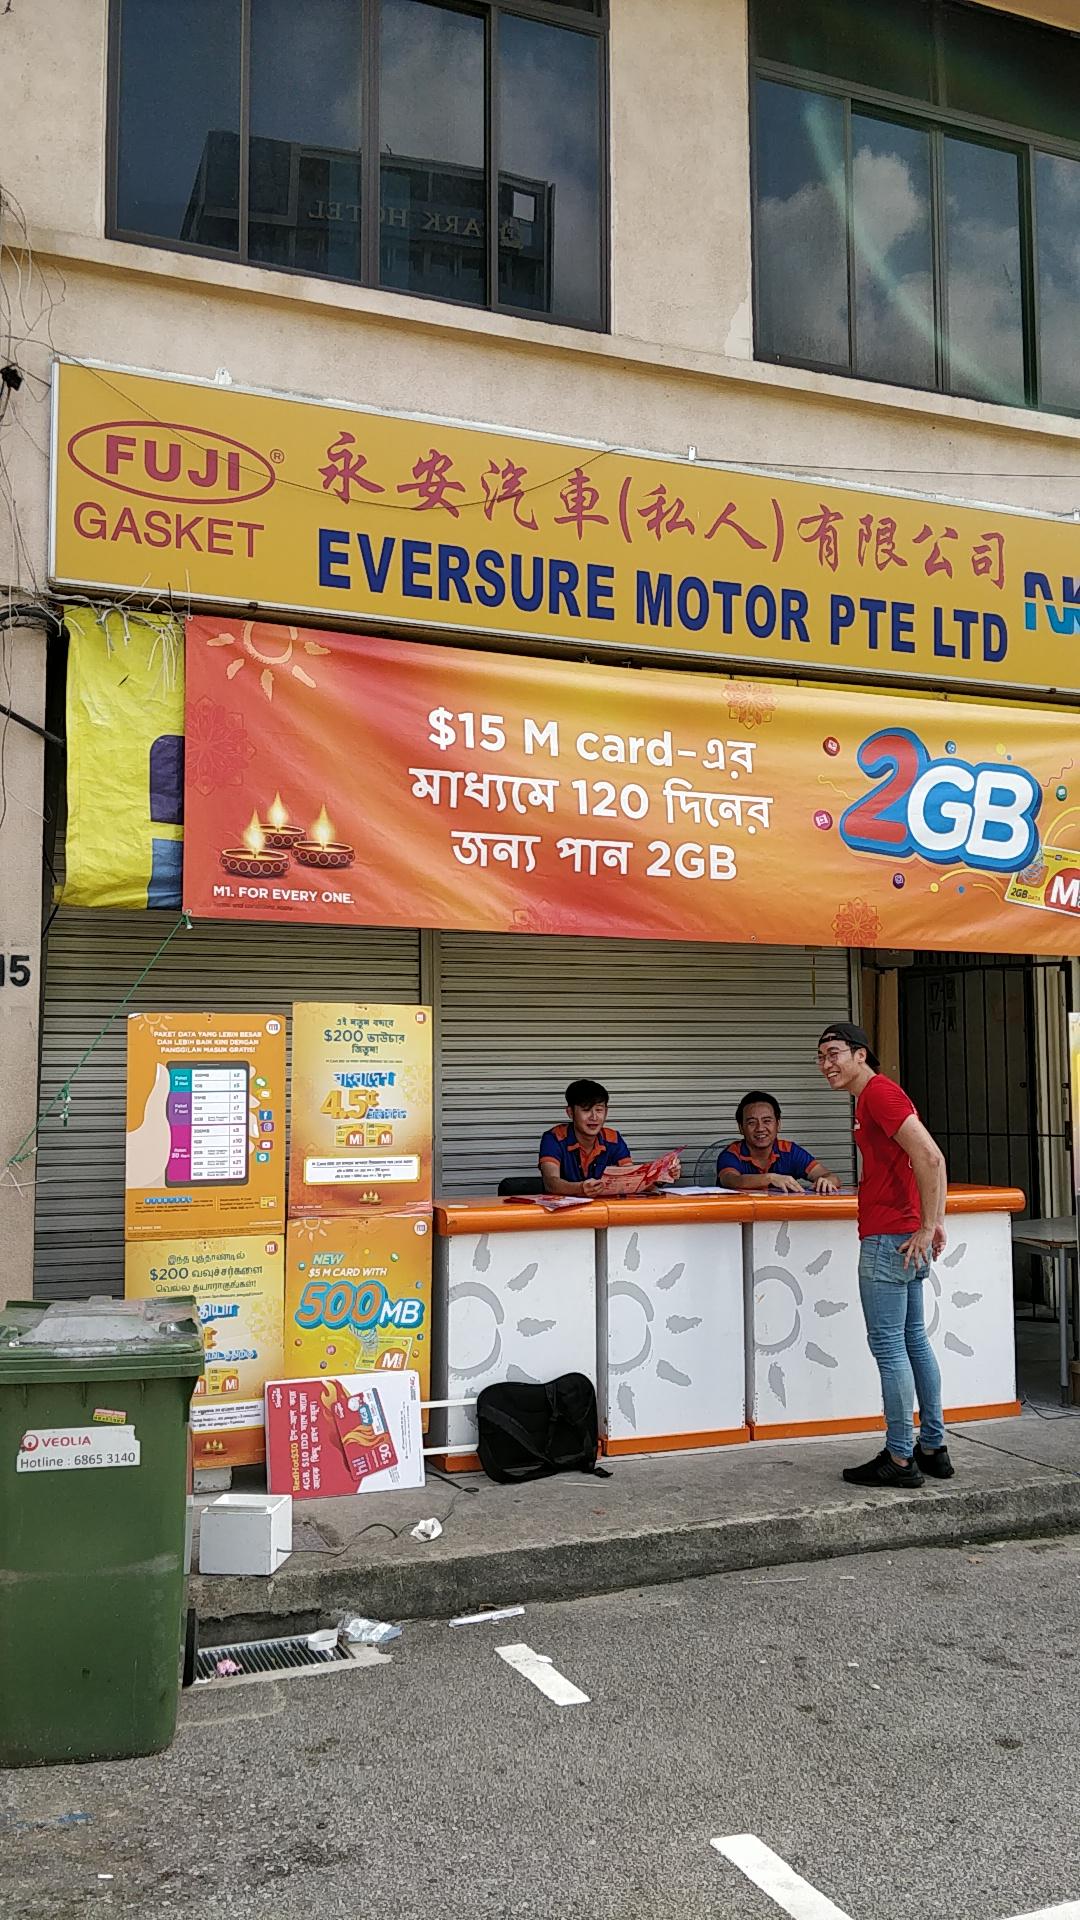 Eversure Motor Pte Ltd